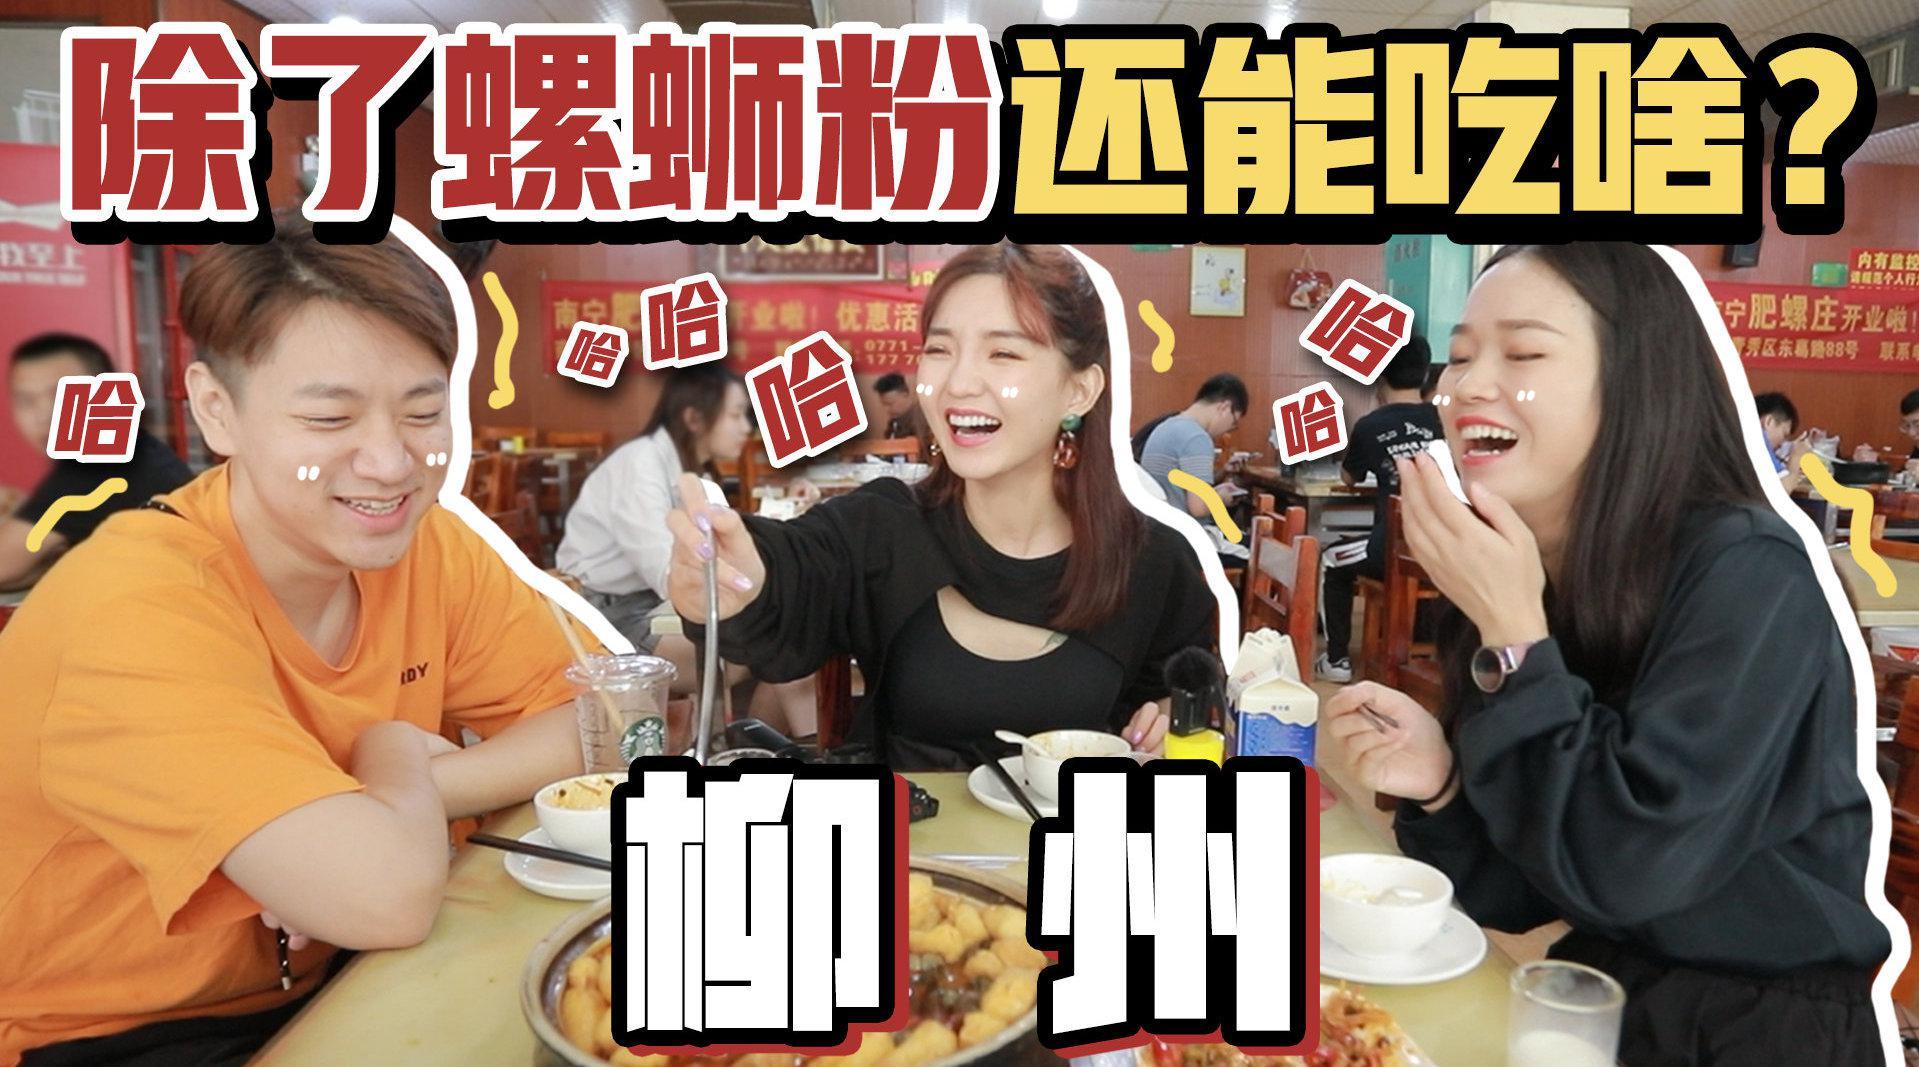 约网友吃饭第一集!   柳州除了螺蛳粉还有啥好吃的宝藏?